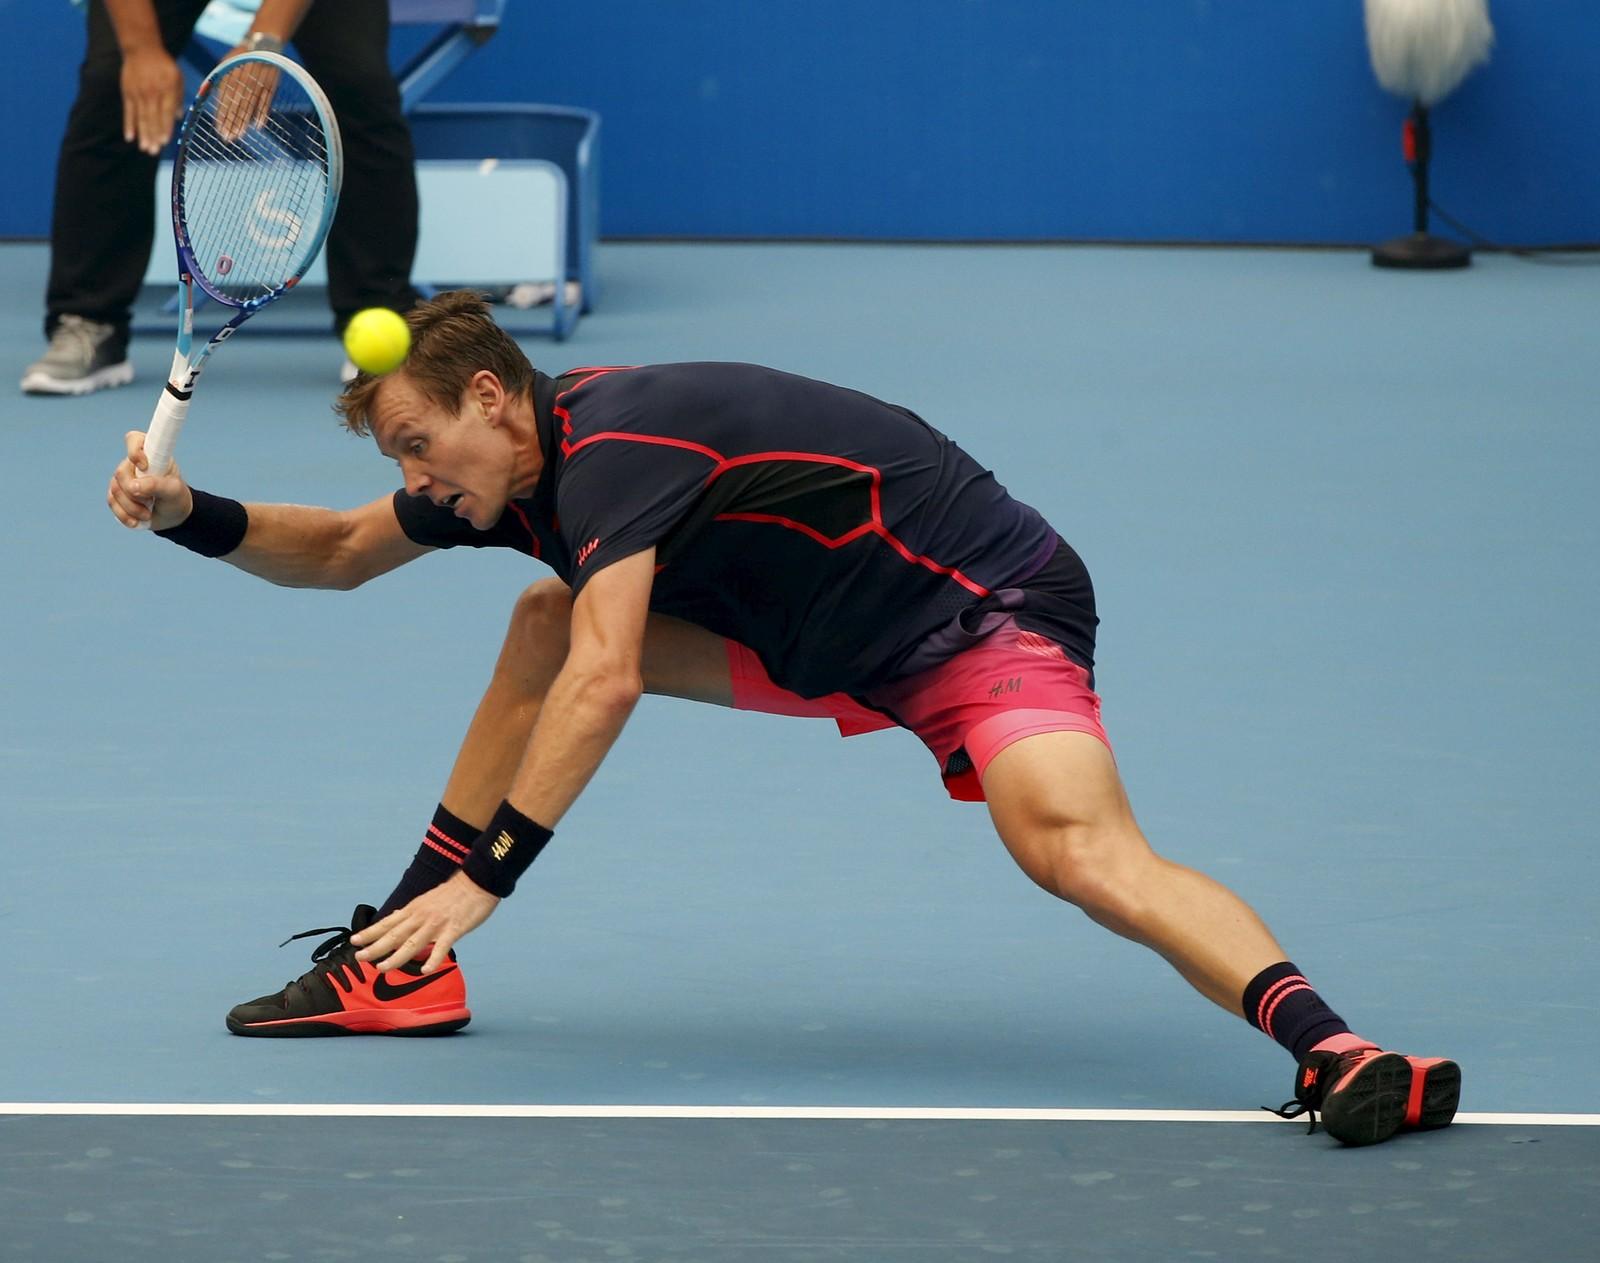 Tsjekkiske Tomas Berdych hadde problemer med å treffe denne ballen da han møtte Pablo Cuevas fra Uruguay under China Open denne uka.